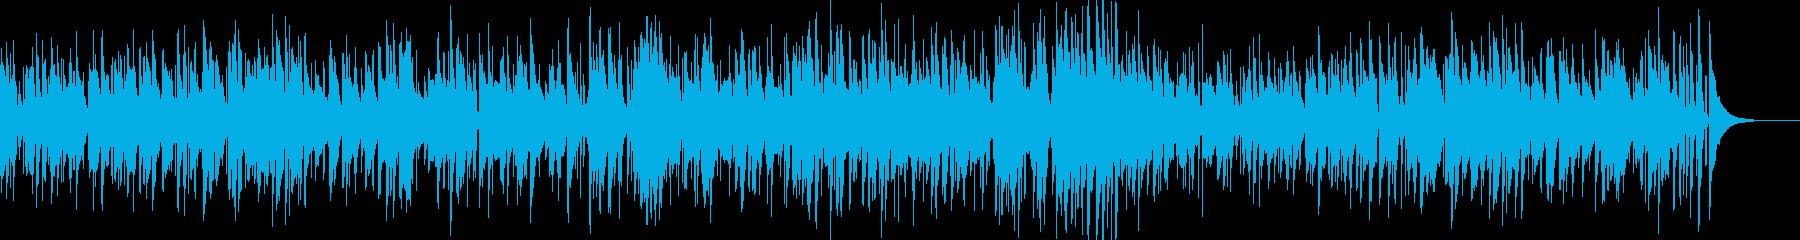 お洒落なジャズピアノトリオ11の再生済みの波形